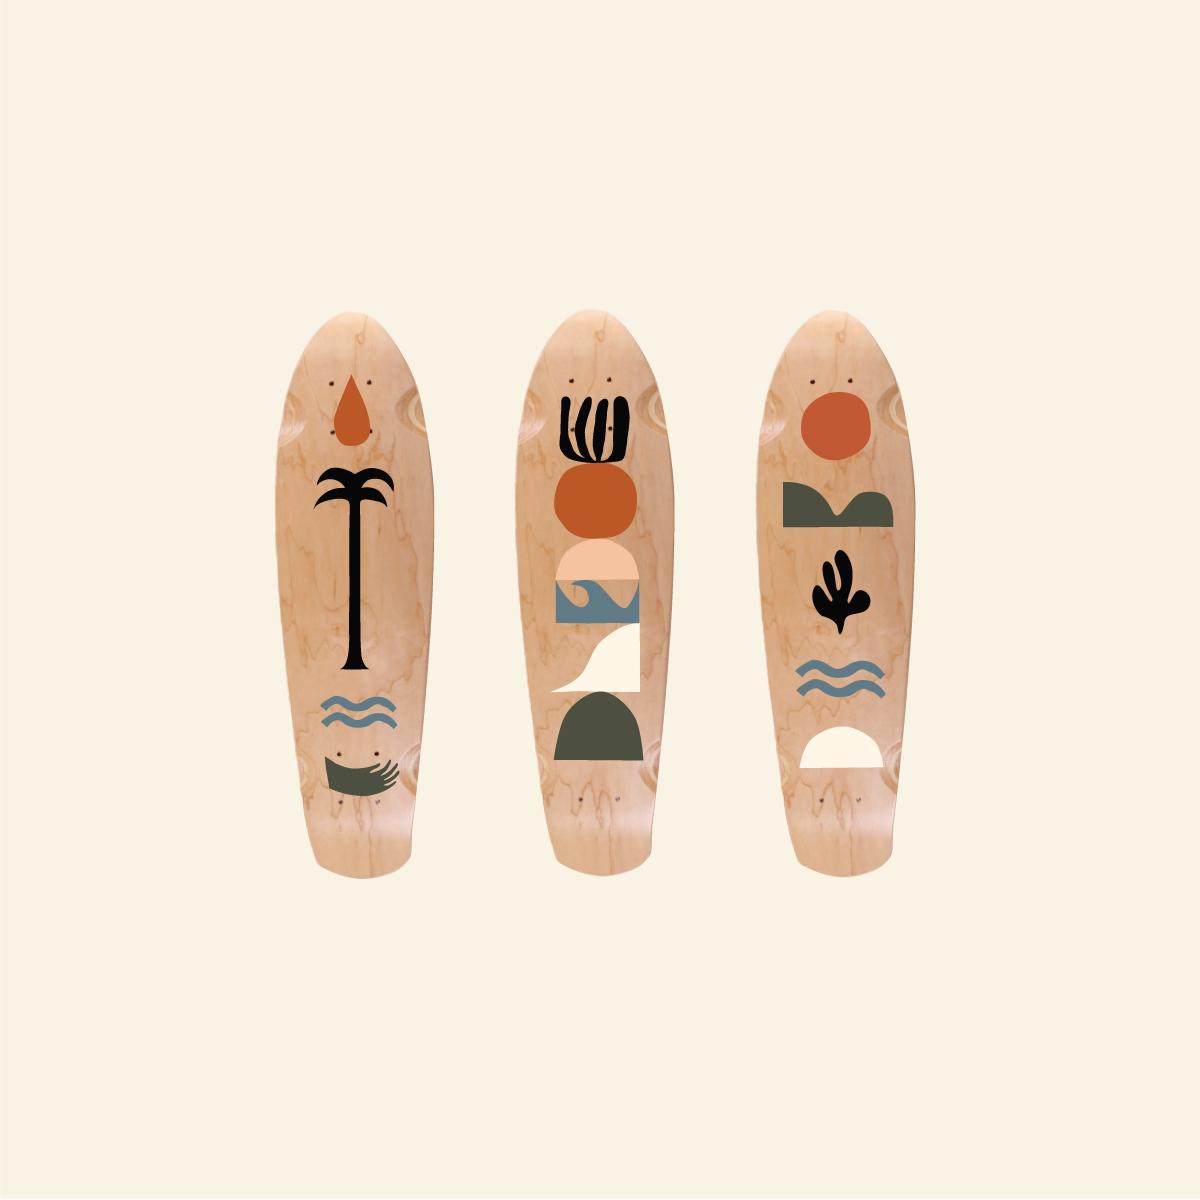 honeyandrust_viscayawagner_skate-decks_illustration.jpg